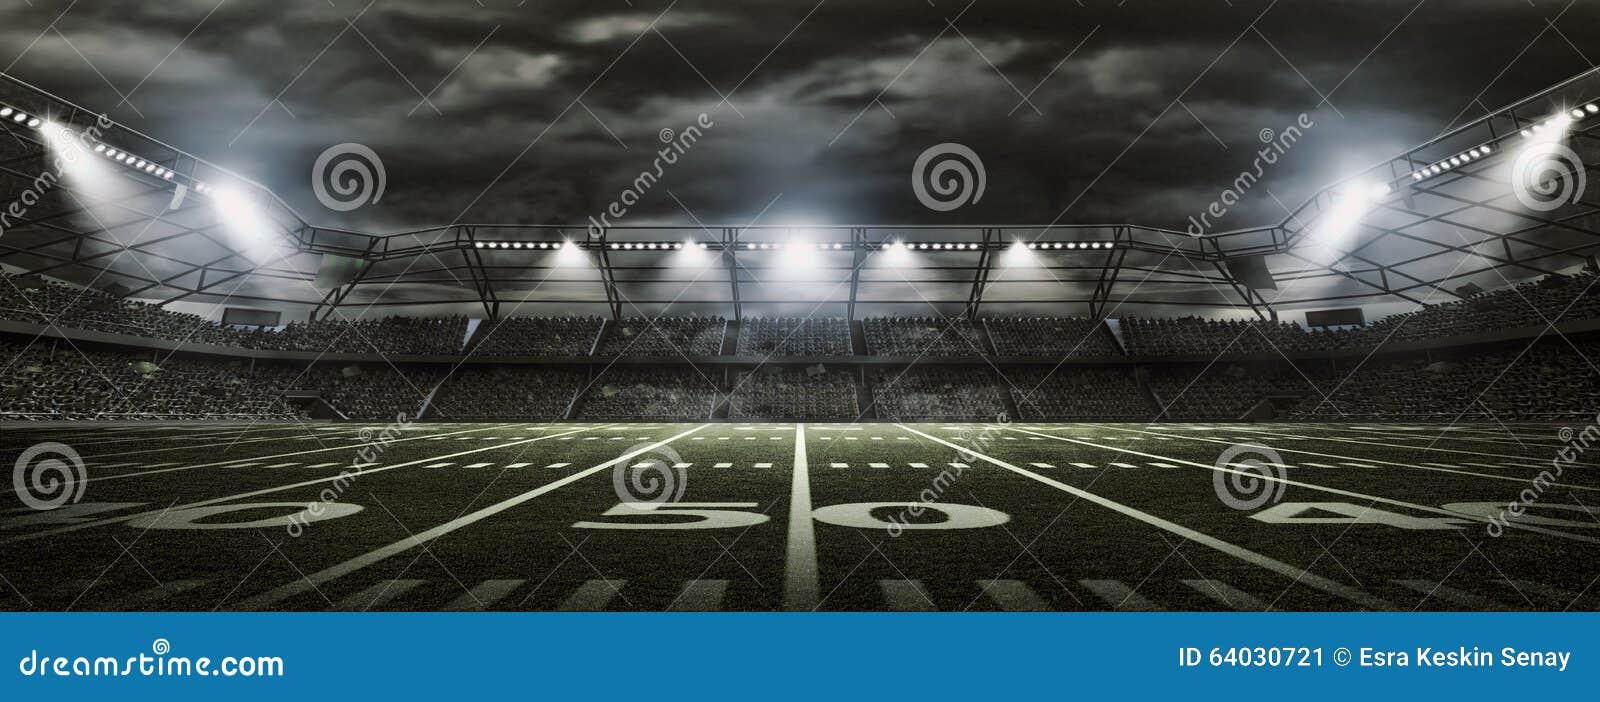 美国足球场